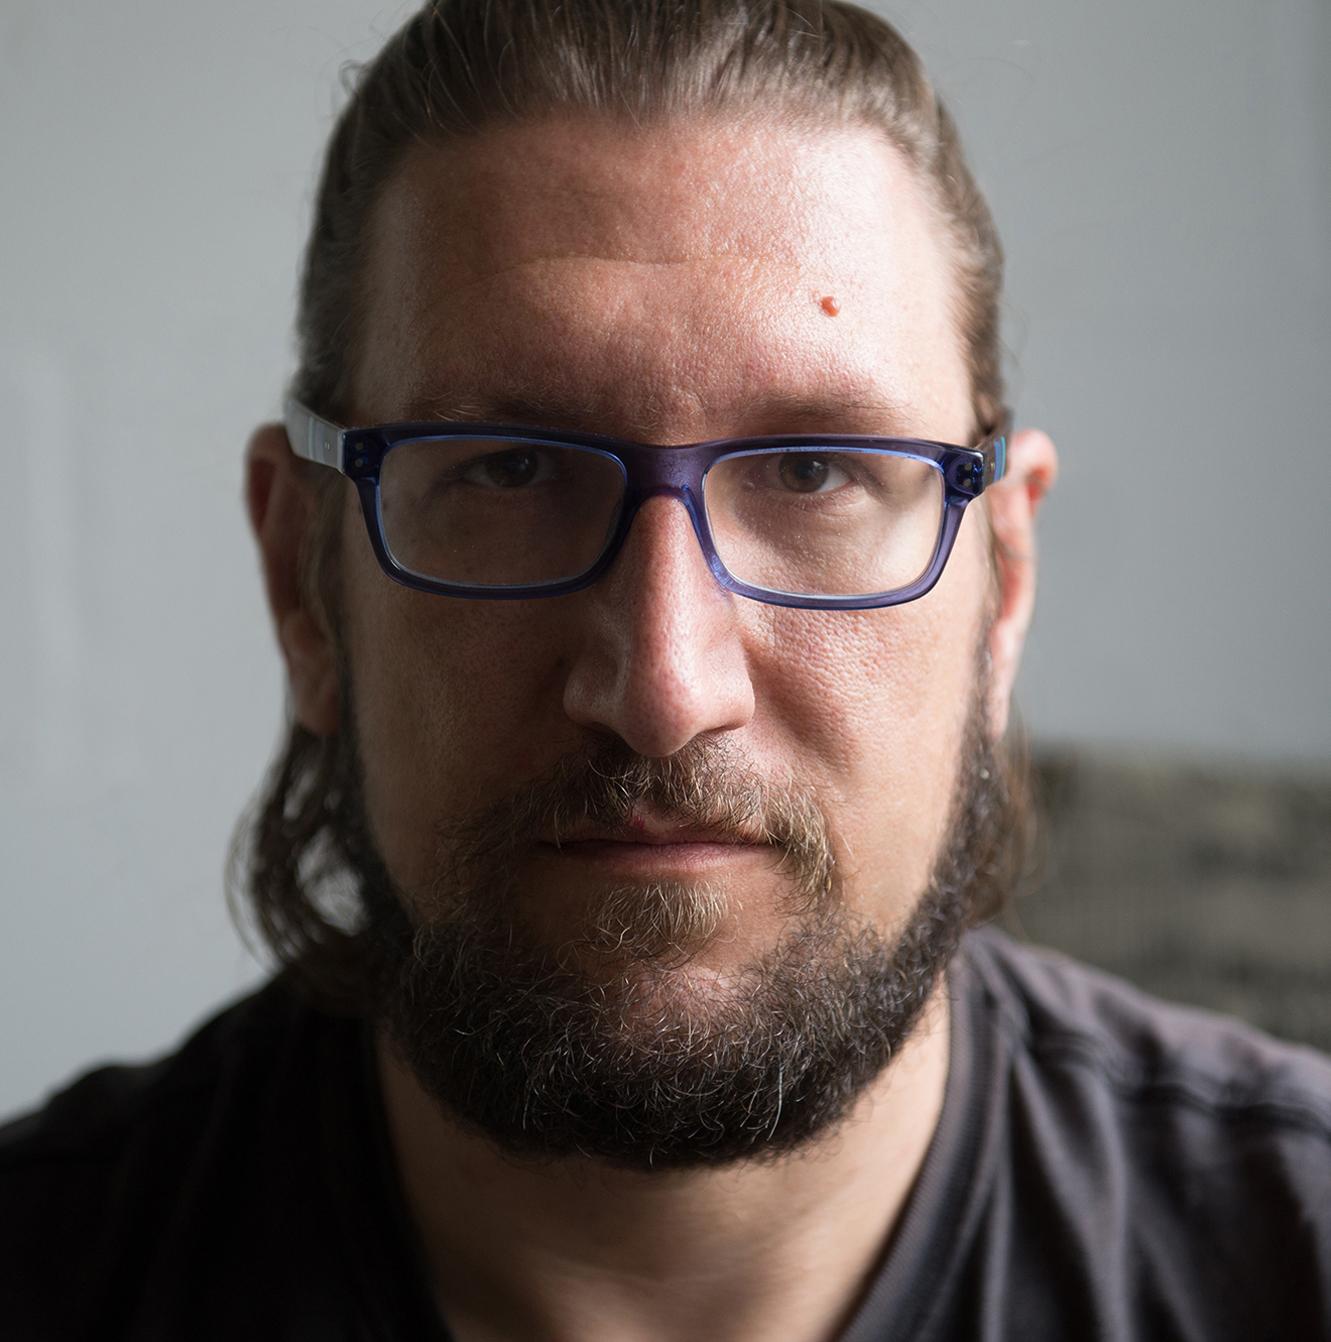 Daniel Sangermani